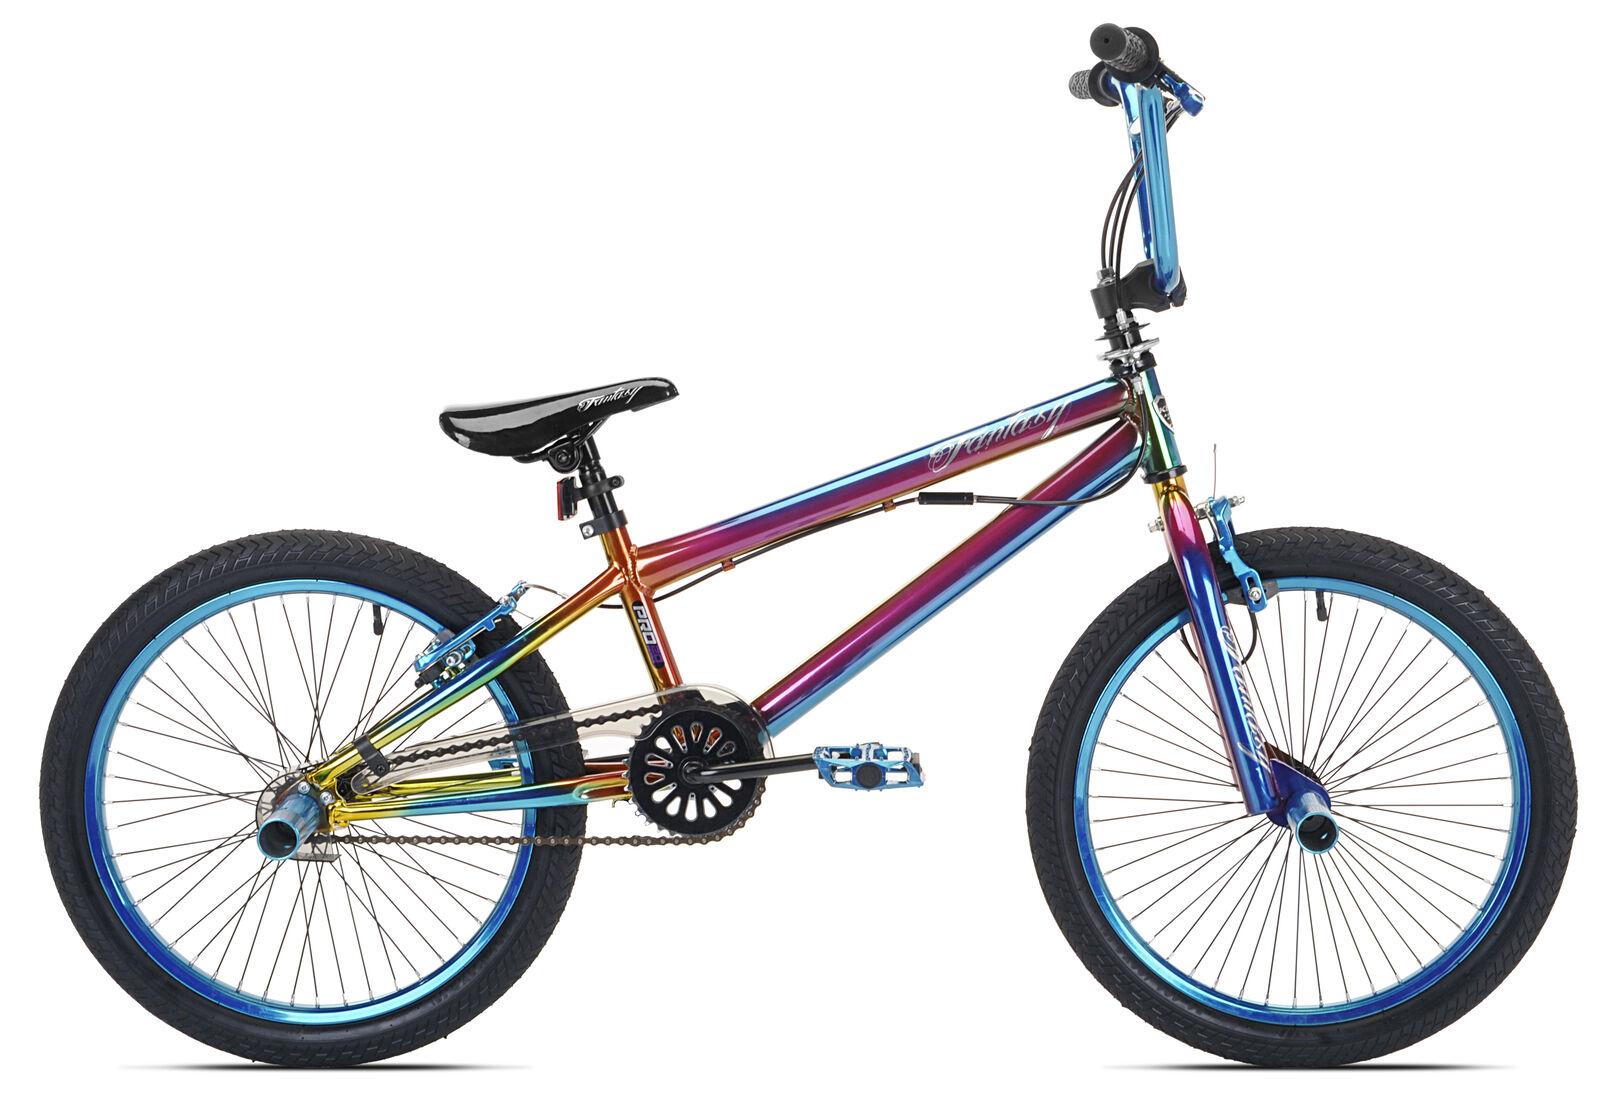 20 in. Kent Fantasy Girls Bike Blue Toys Kids Bikes Riding